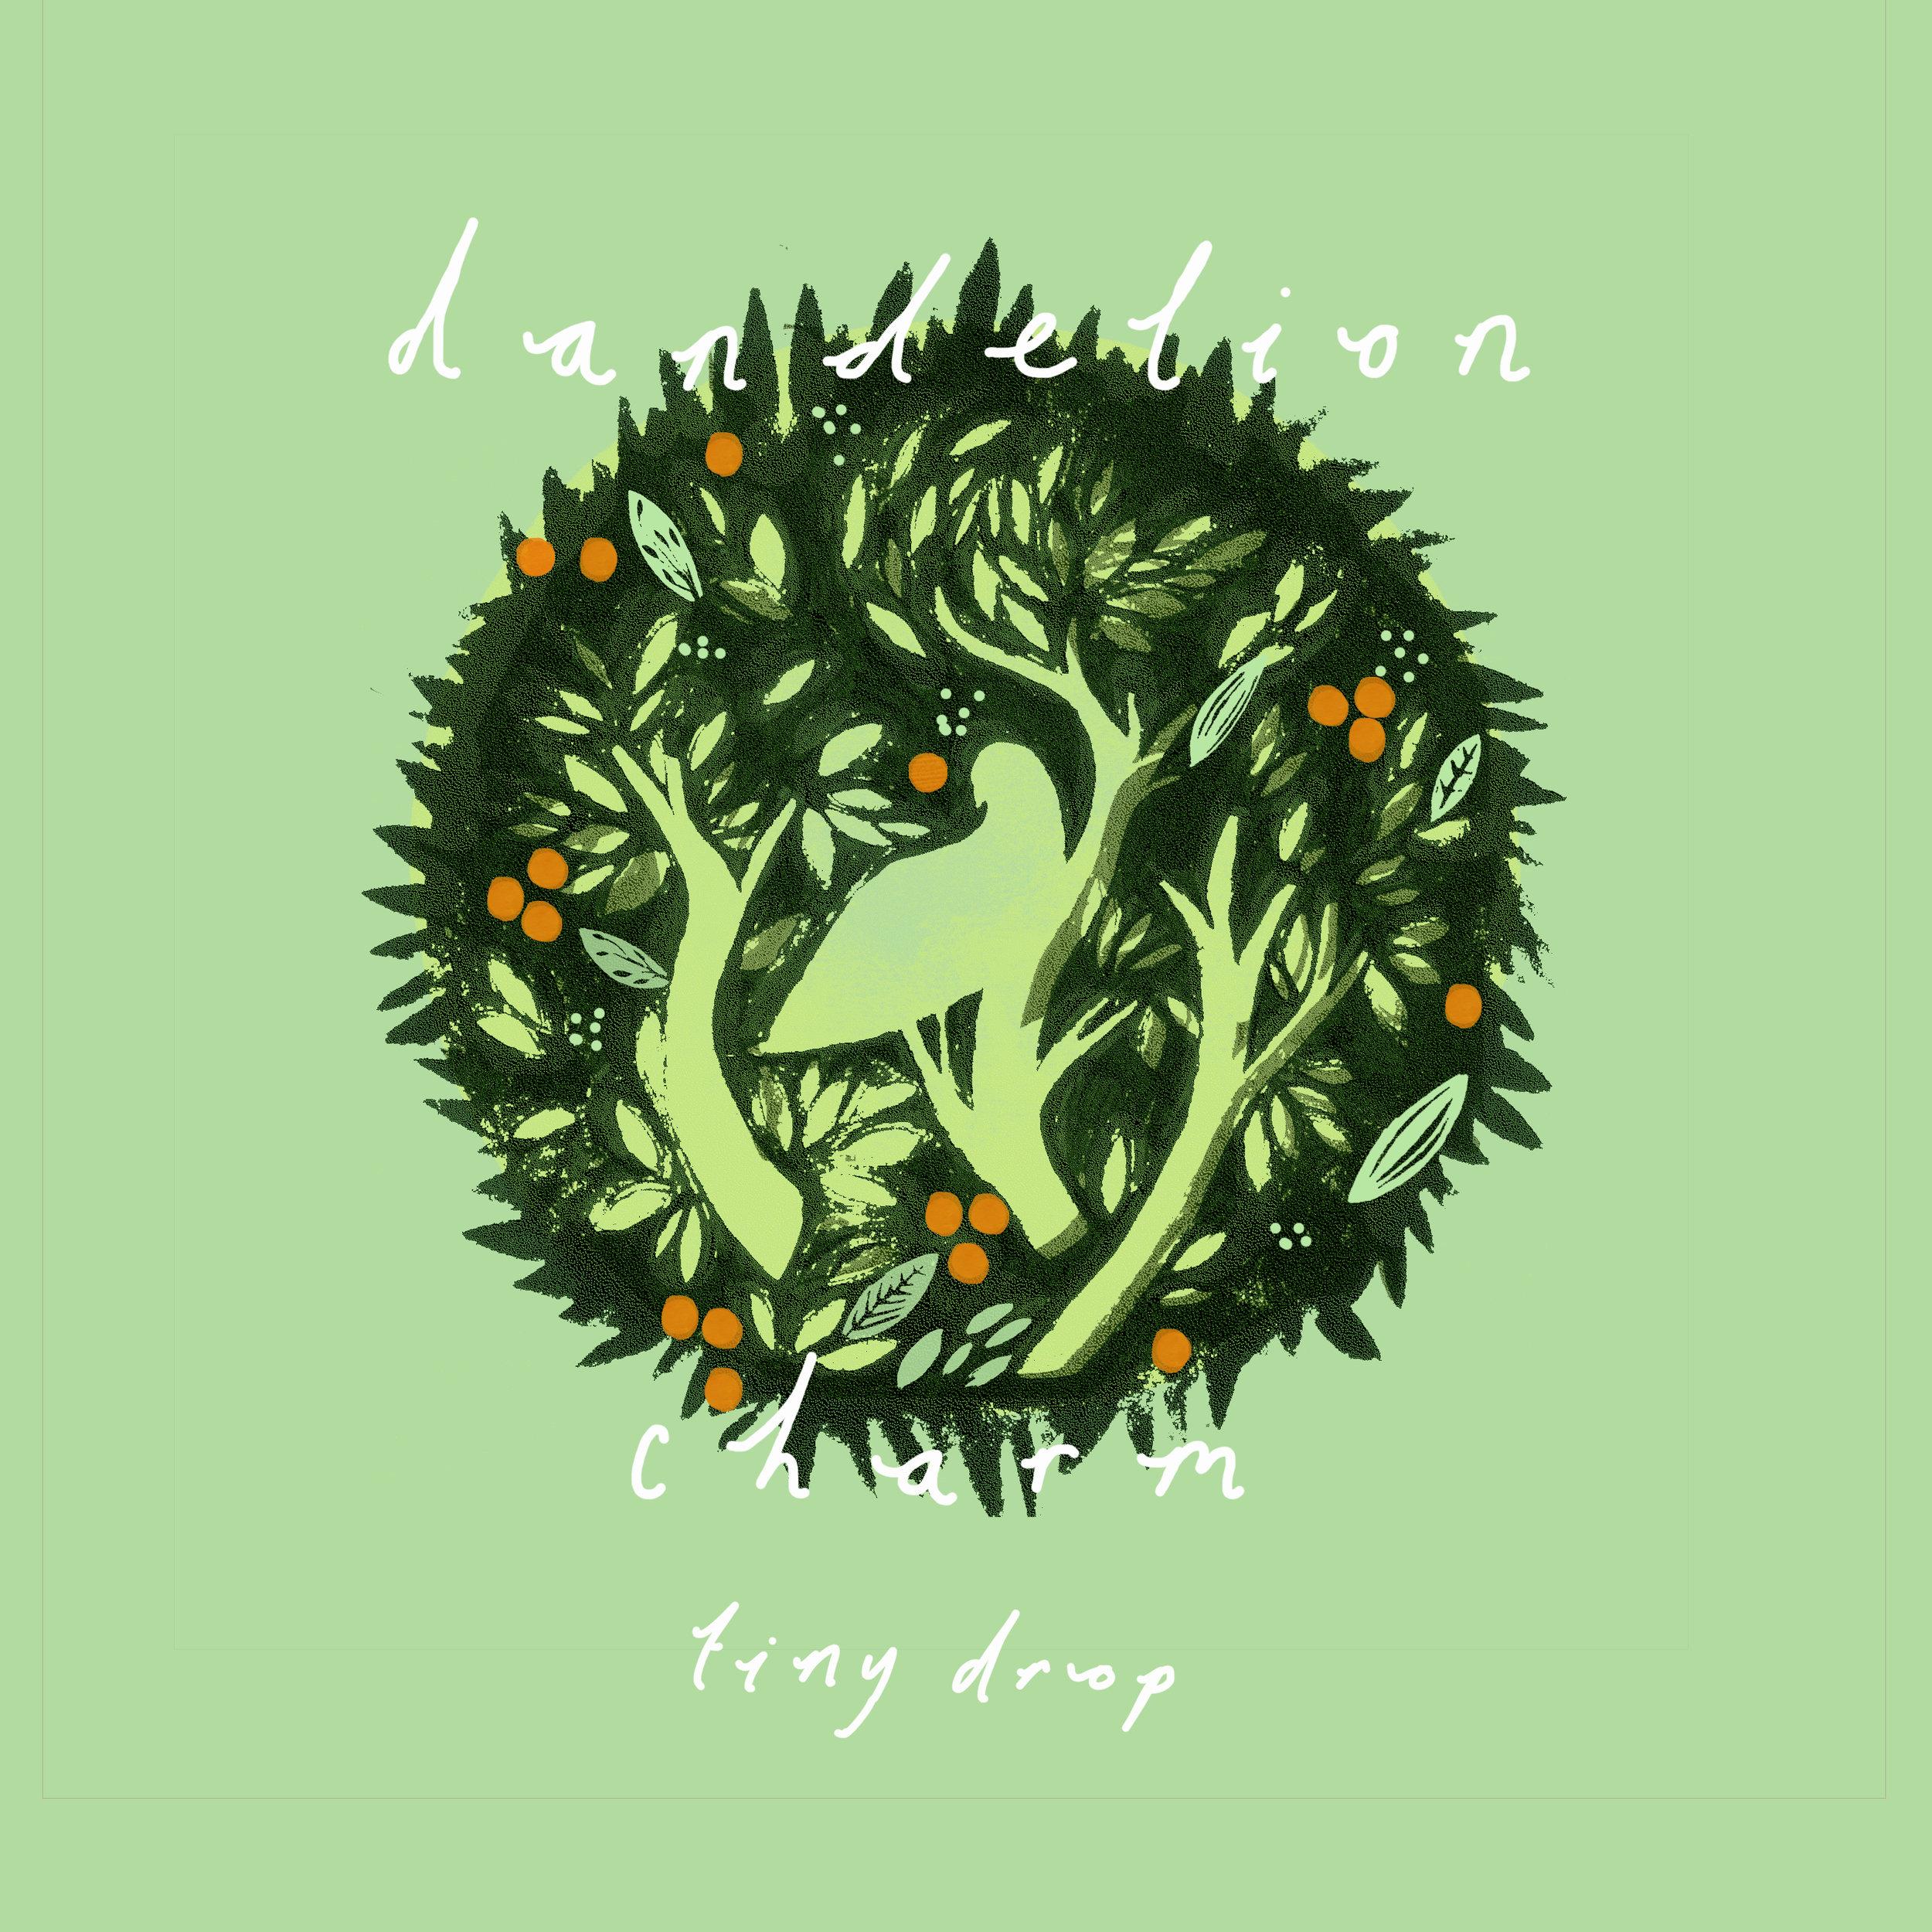 Tiny Drop - Stunning debut album featuring: